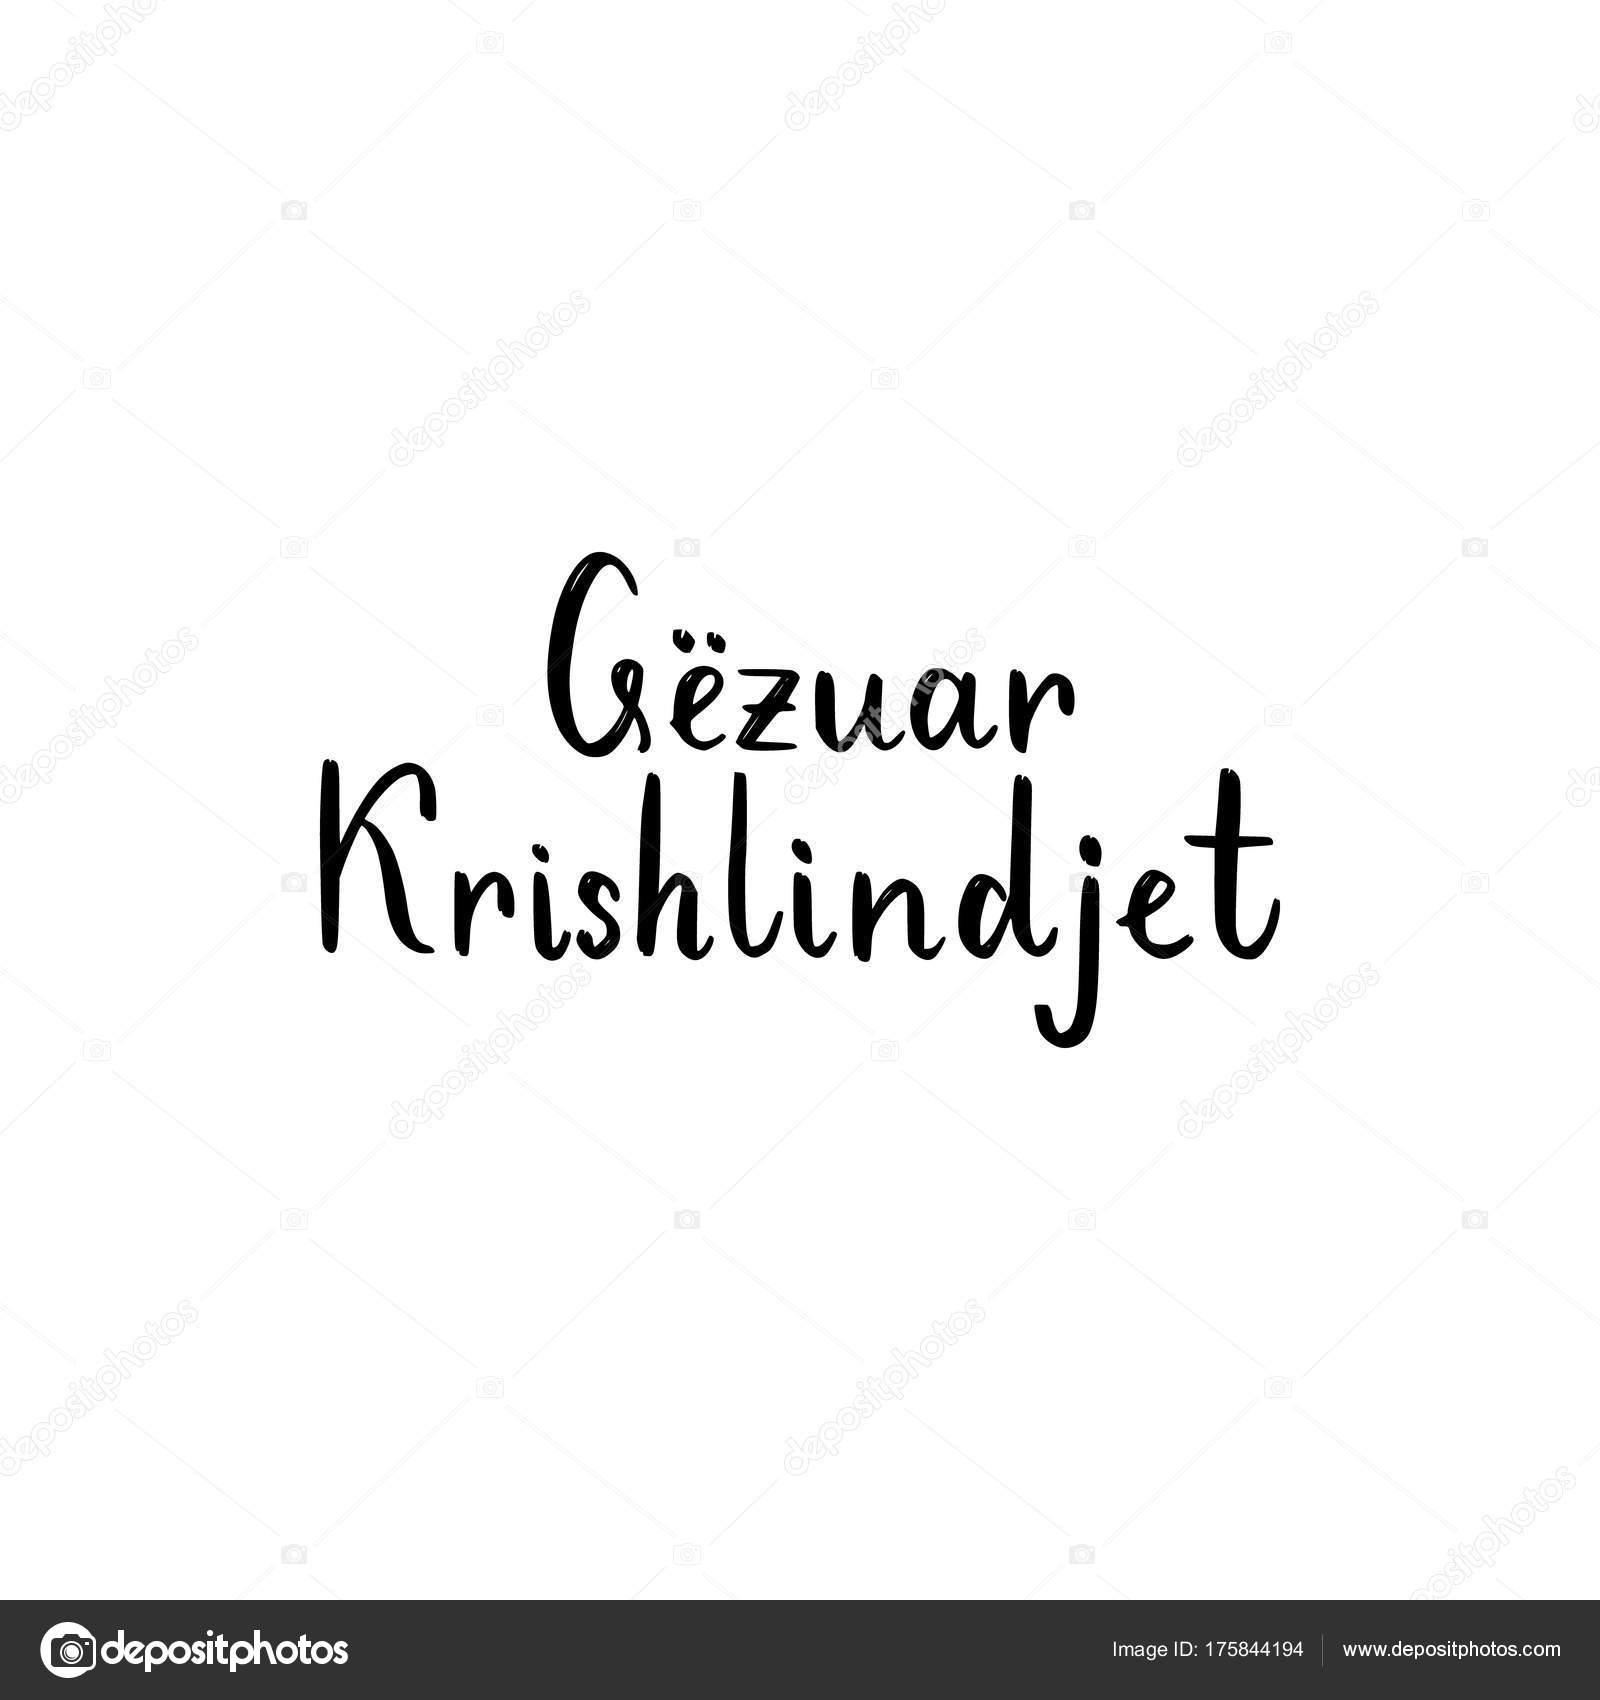 Frohe Weihnachten Albanisch.Frohe Weihnachten Pinsel Schriftzug Auf Albanisch Stockvektor